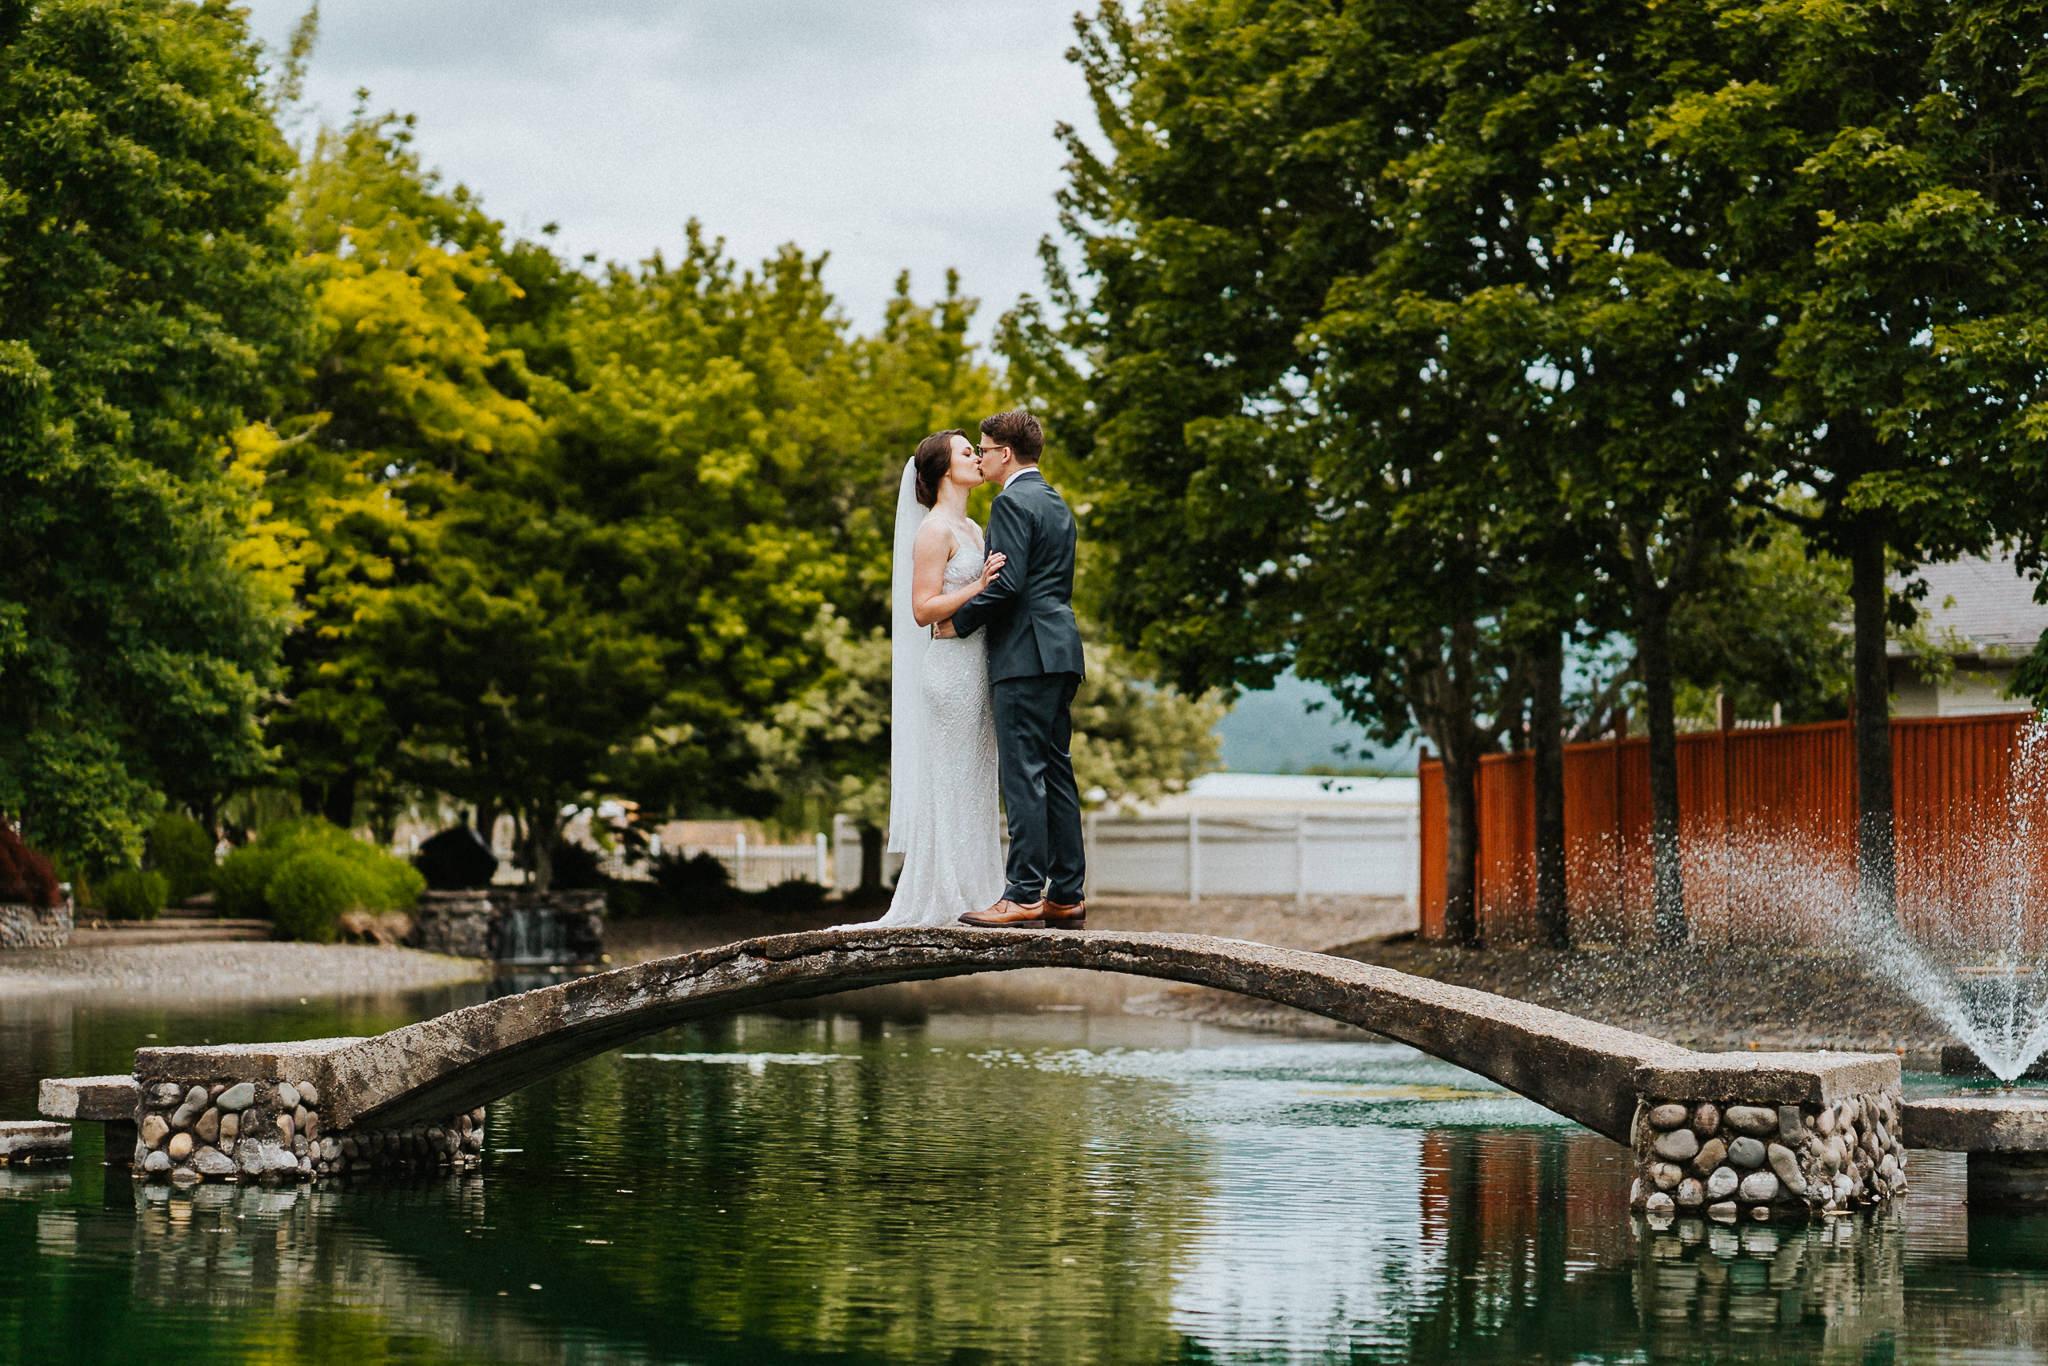 Water Oasis Bridge Wedding Bride Groom Portrait